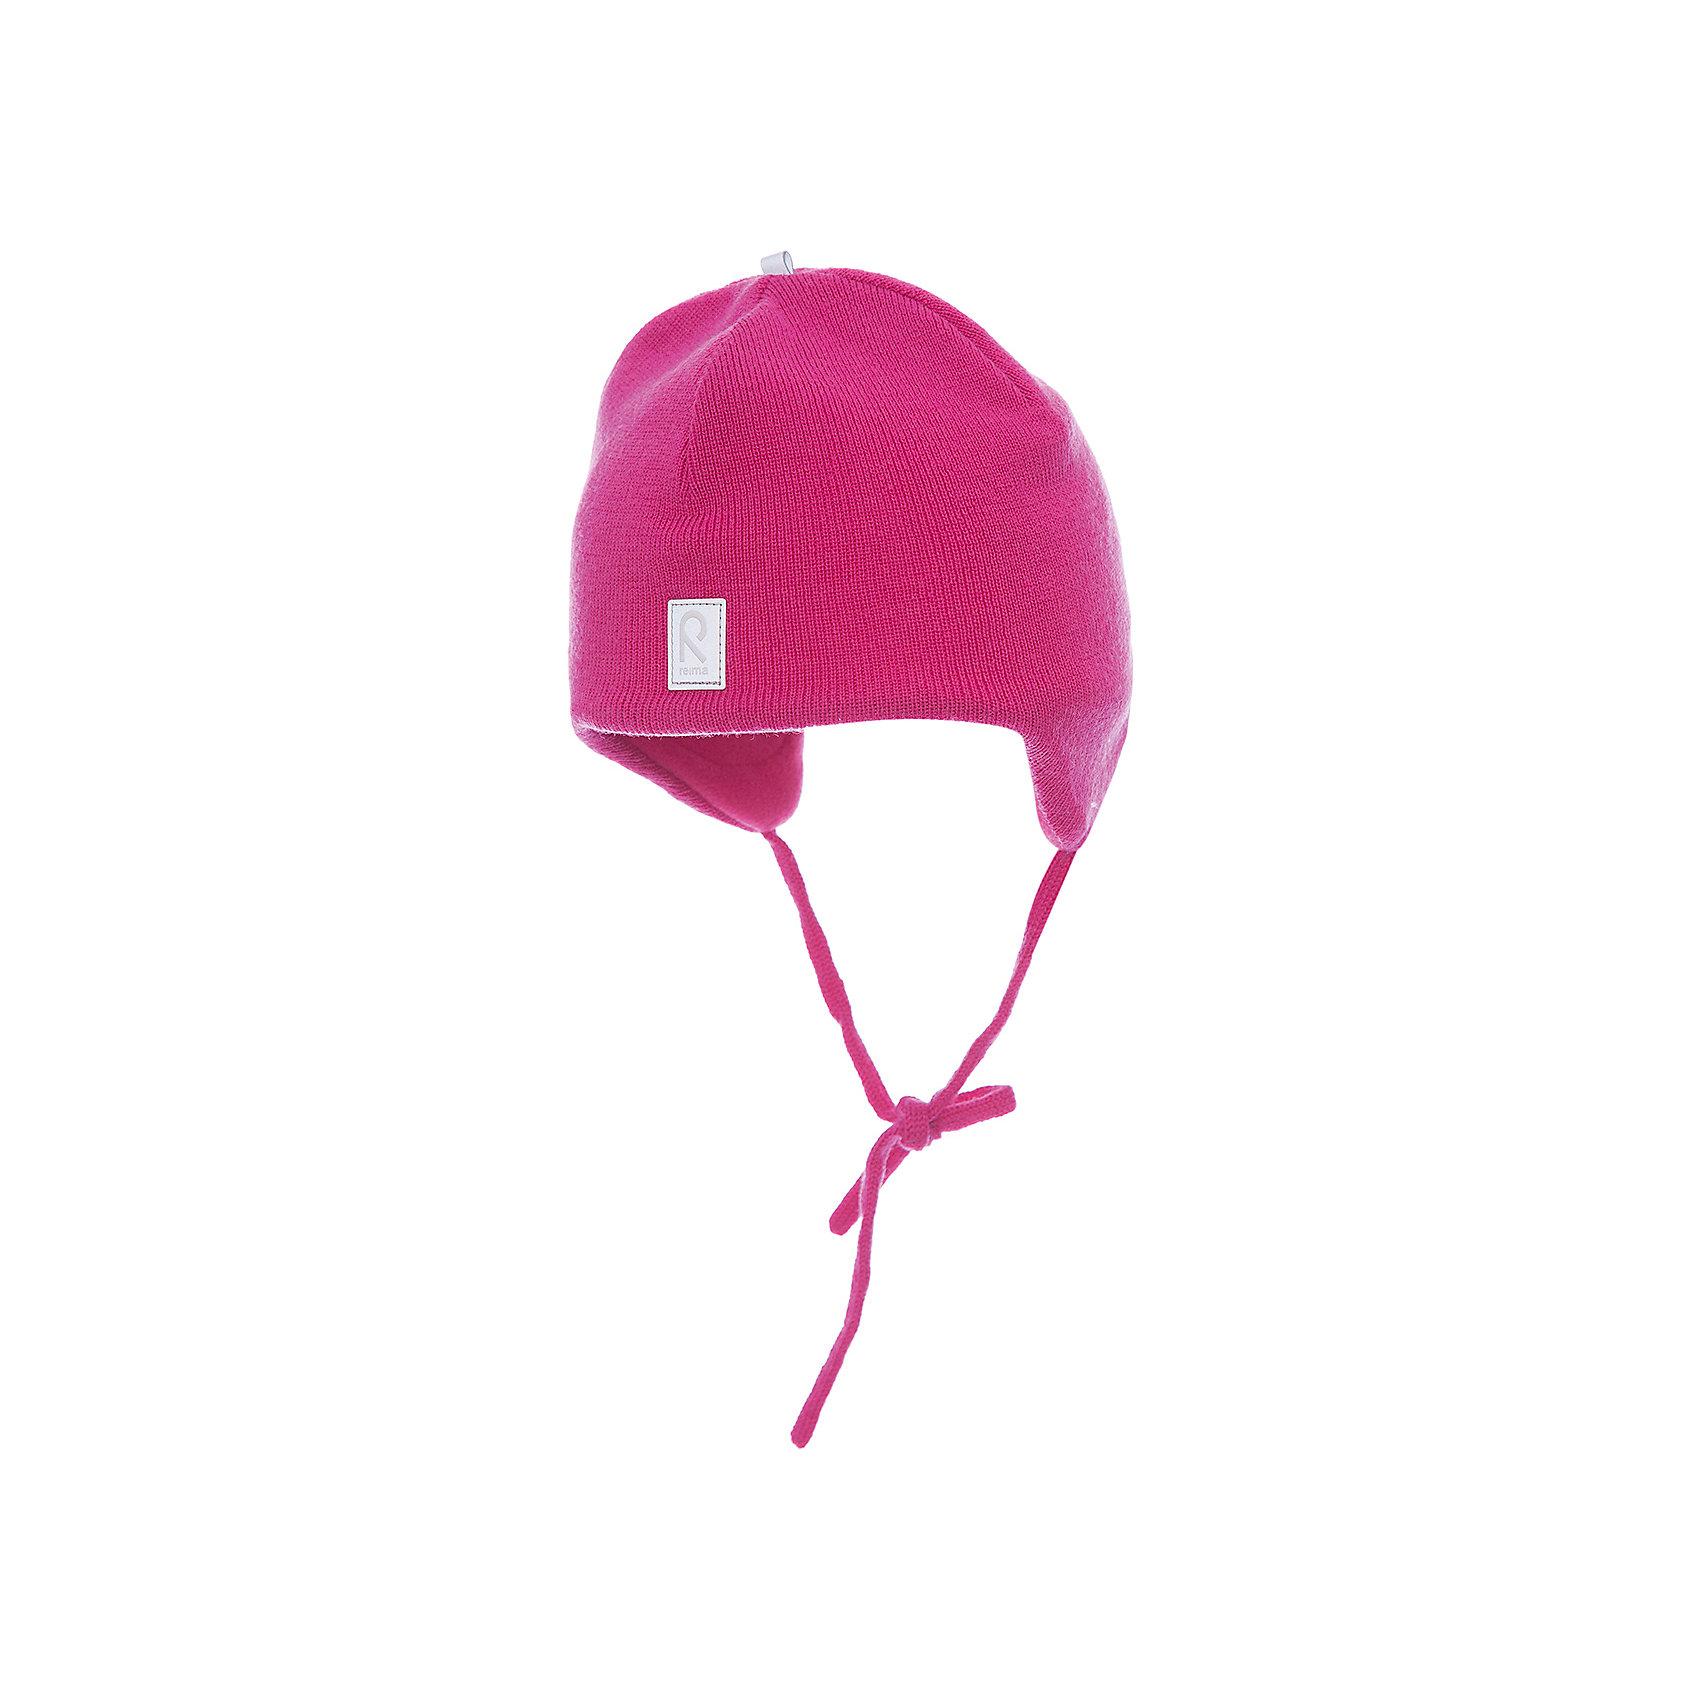 Шапка для девочки ReimaШапки и шарфы<br>Шерстяная шапка для малышей в модных цветах сезона согреет в морозную погоду и холодные зимние дни: мягкая подкладка из флиса создает ощущение тепла и комфорта. Шерстяная шапка с подкладкой из флиса особенно хорошо подходит для маленьких приключений на свежем воздухе, потому что флис быстро высыхает и хорошо выводит влагу. Благодаря эластичной вязке шапка плотно прилегает, а ветронепроницаемые вставки в области ушей защищают от холодного ветра. Завязки надёжно удерживают стильную шапку на голове. Для завершения стильного образа носите с тёплой горловиной Star!<br><br>Шерстяная шапка для малышей <br>Полностью на подкладке: Мягкий тёплый флис<br>Ветронепроницаемые вставки в области ушей <br>Доступна в однотонном и полосатом вариантах<br>Состав:<br>100% Шерсть<br><br><br>Шапку Reima (Рейма) можно купить в нашем магазине.<br><br>Ширина мм: 89<br>Глубина мм: 117<br>Высота мм: 44<br>Вес г: 155<br>Цвет: розовый<br>Возраст от месяцев: 48<br>Возраст до месяцев: 60<br>Пол: Женский<br>Возраст: Детский<br>Размер: 52,50,48,46<br>SKU: 4208695